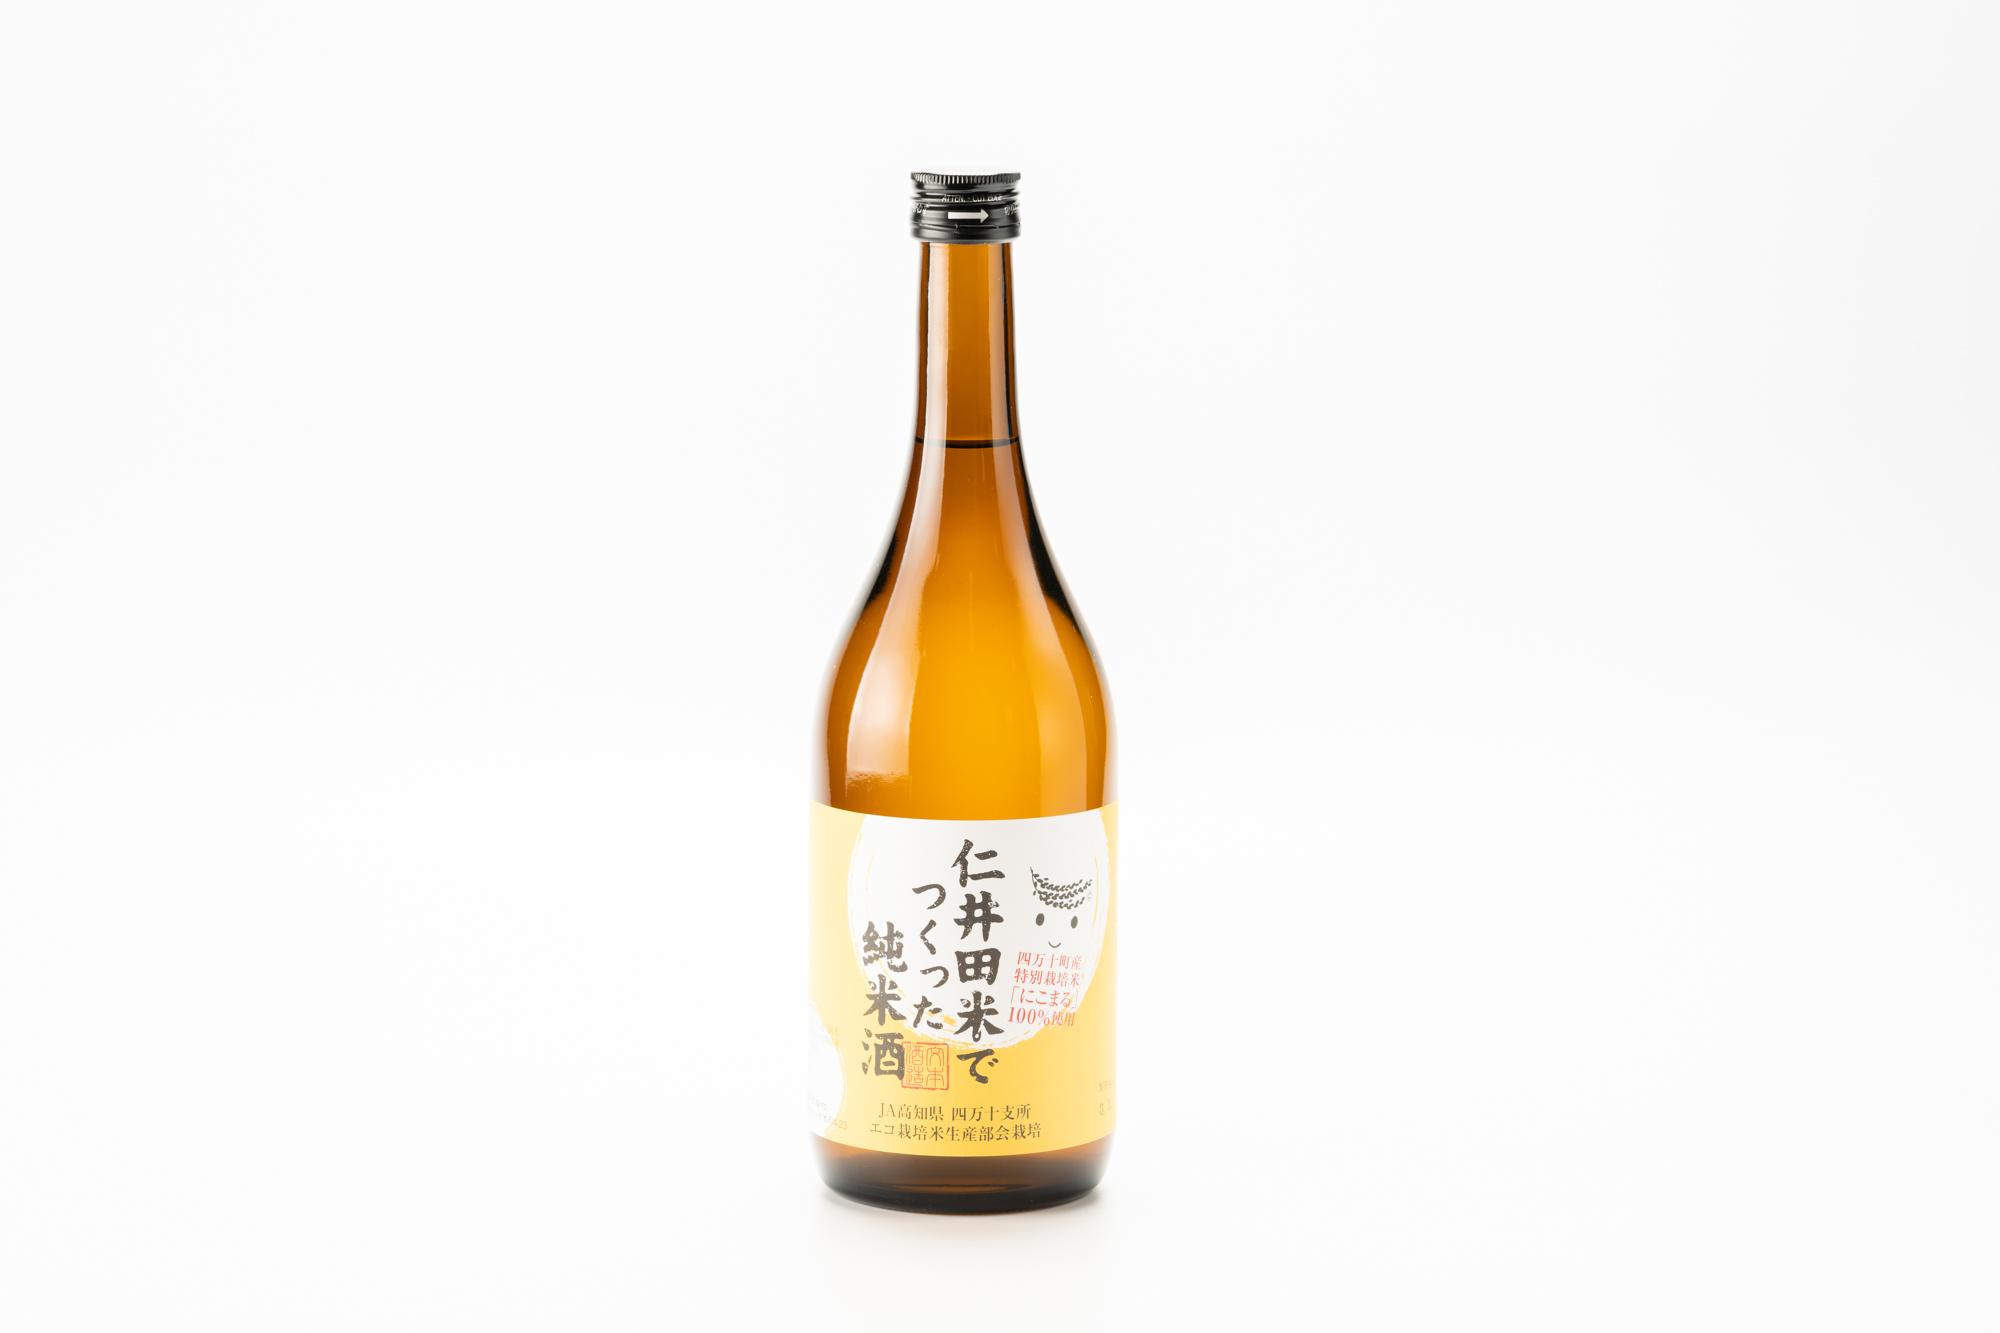 仁井田米でつくった純米酒 720ml